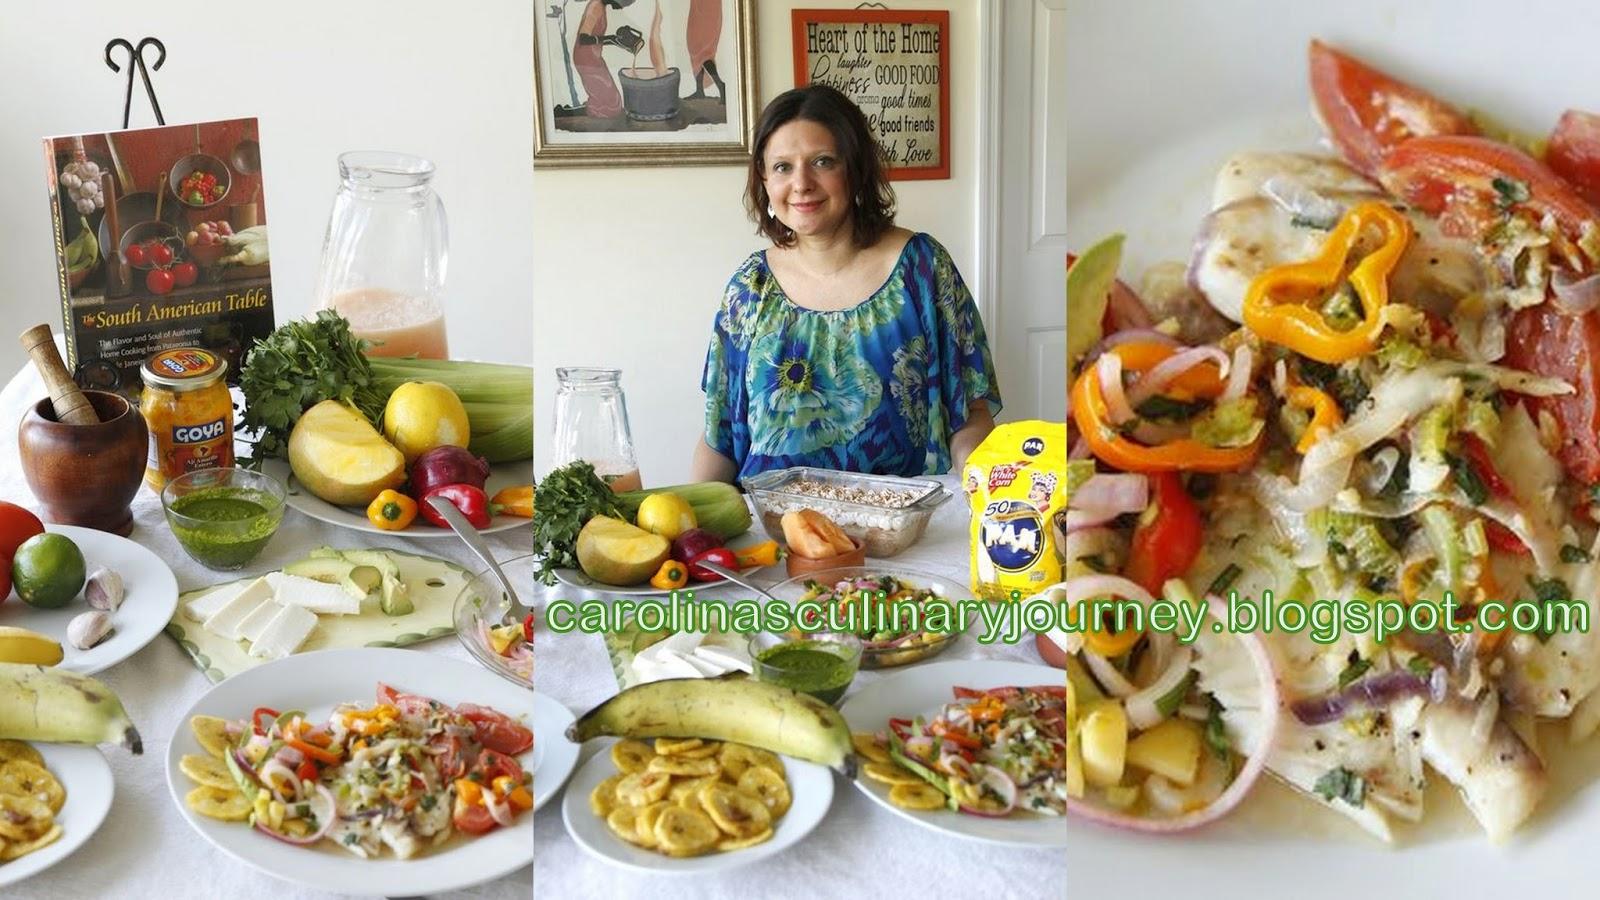 Sharing heritage through food